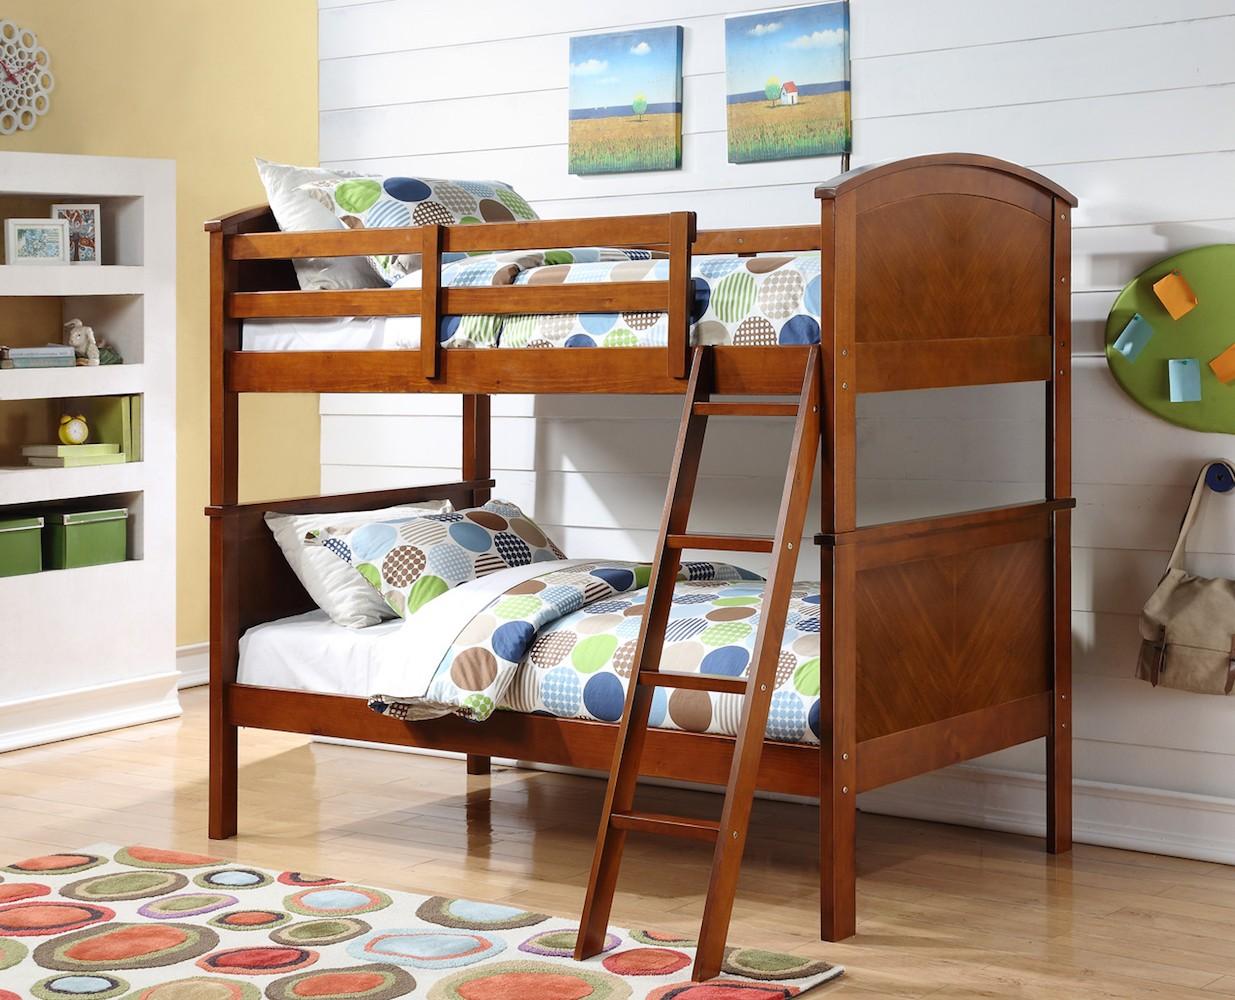 314-TTO Arch Panel Bunk Bed Oak